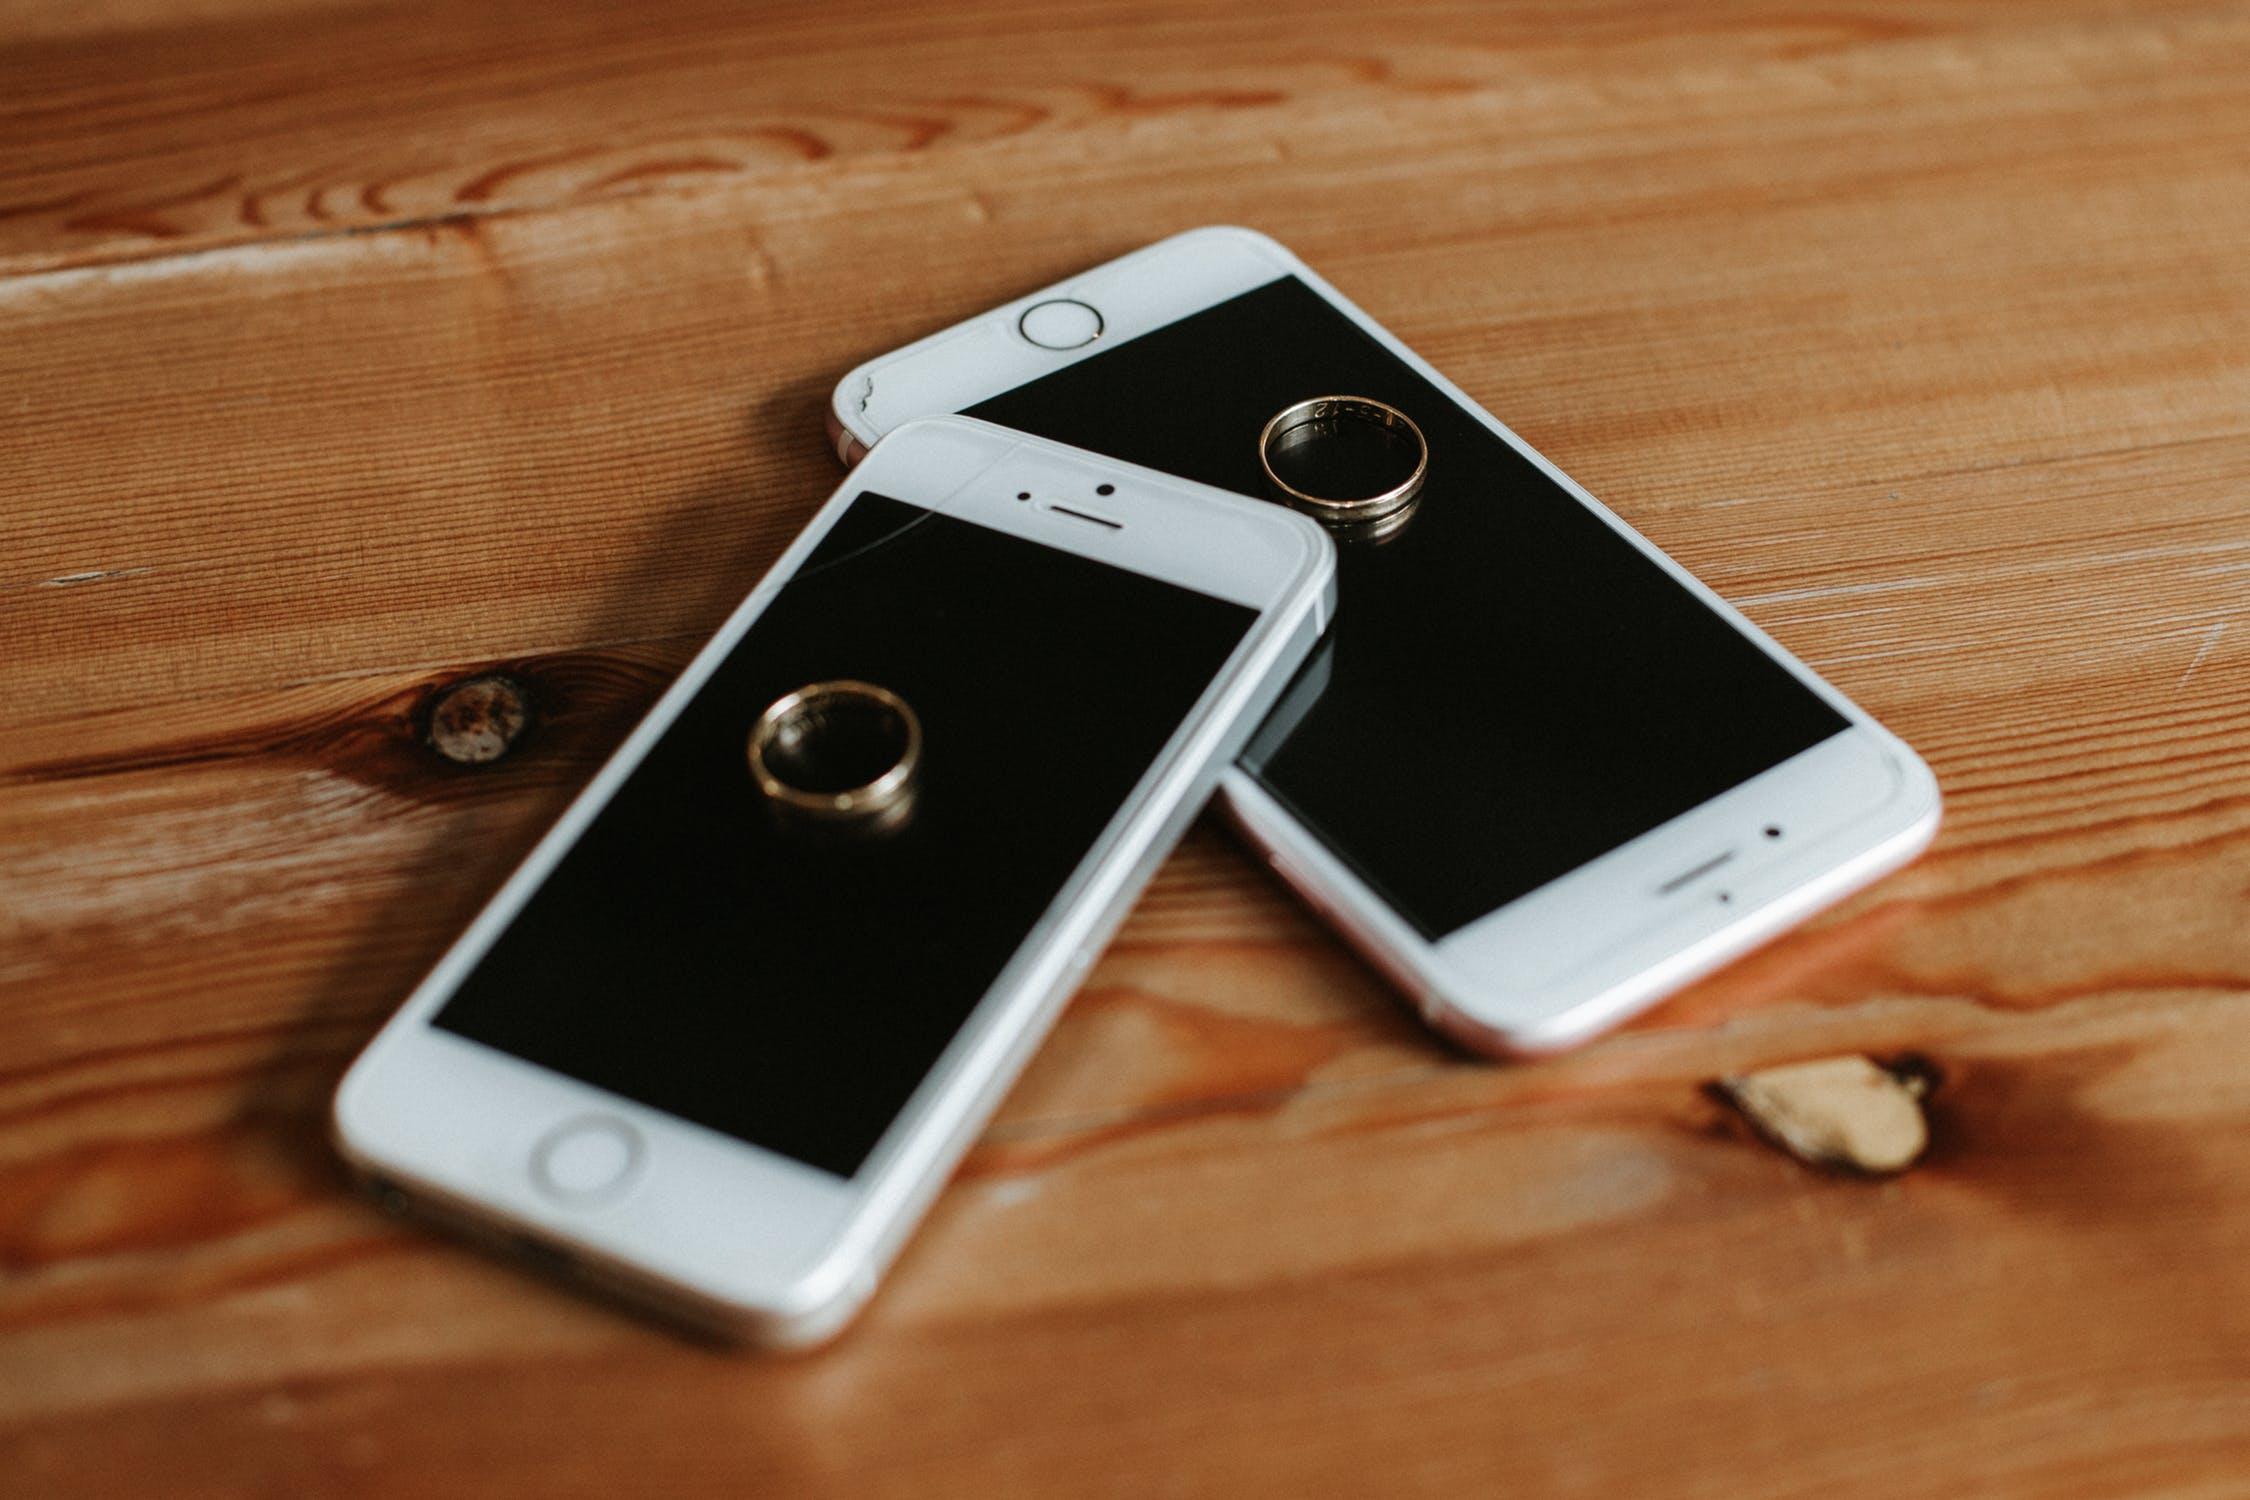 phones newlyweds, phones newlyweds